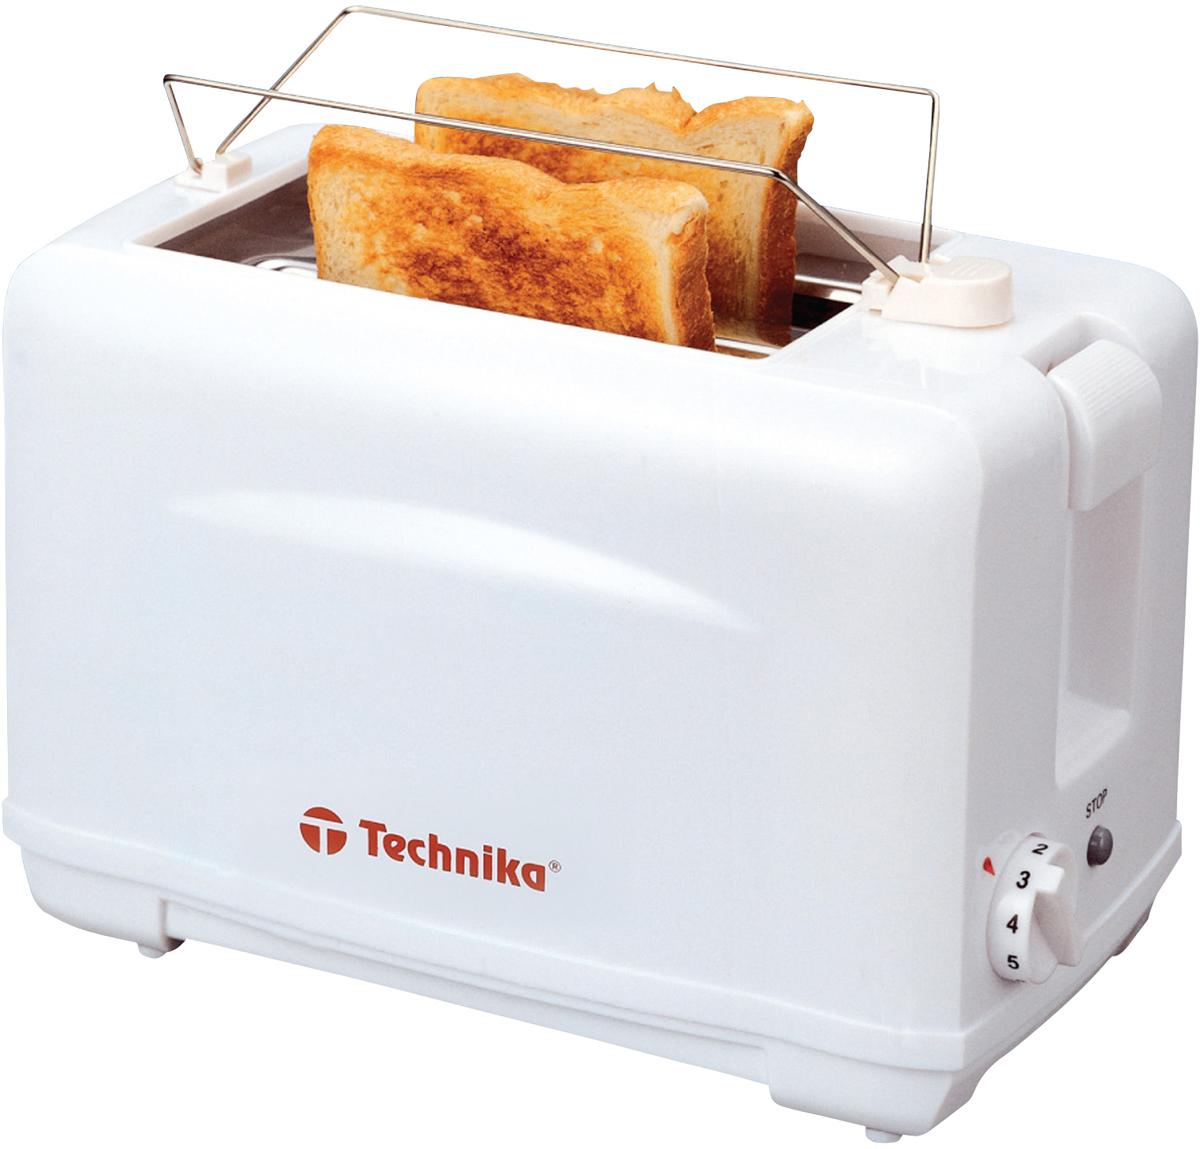 Technika 306 А, White тостер306TK/АТостер Мощность 700Вт. Автоматическое и ручное отключение. Регулировка степени поджаривания. Функции подогрева и размораживания. Подставка для подогрева булочек. Ненагревающийся корпус. Поддон для крошек. Отделение для шнура. 230В.